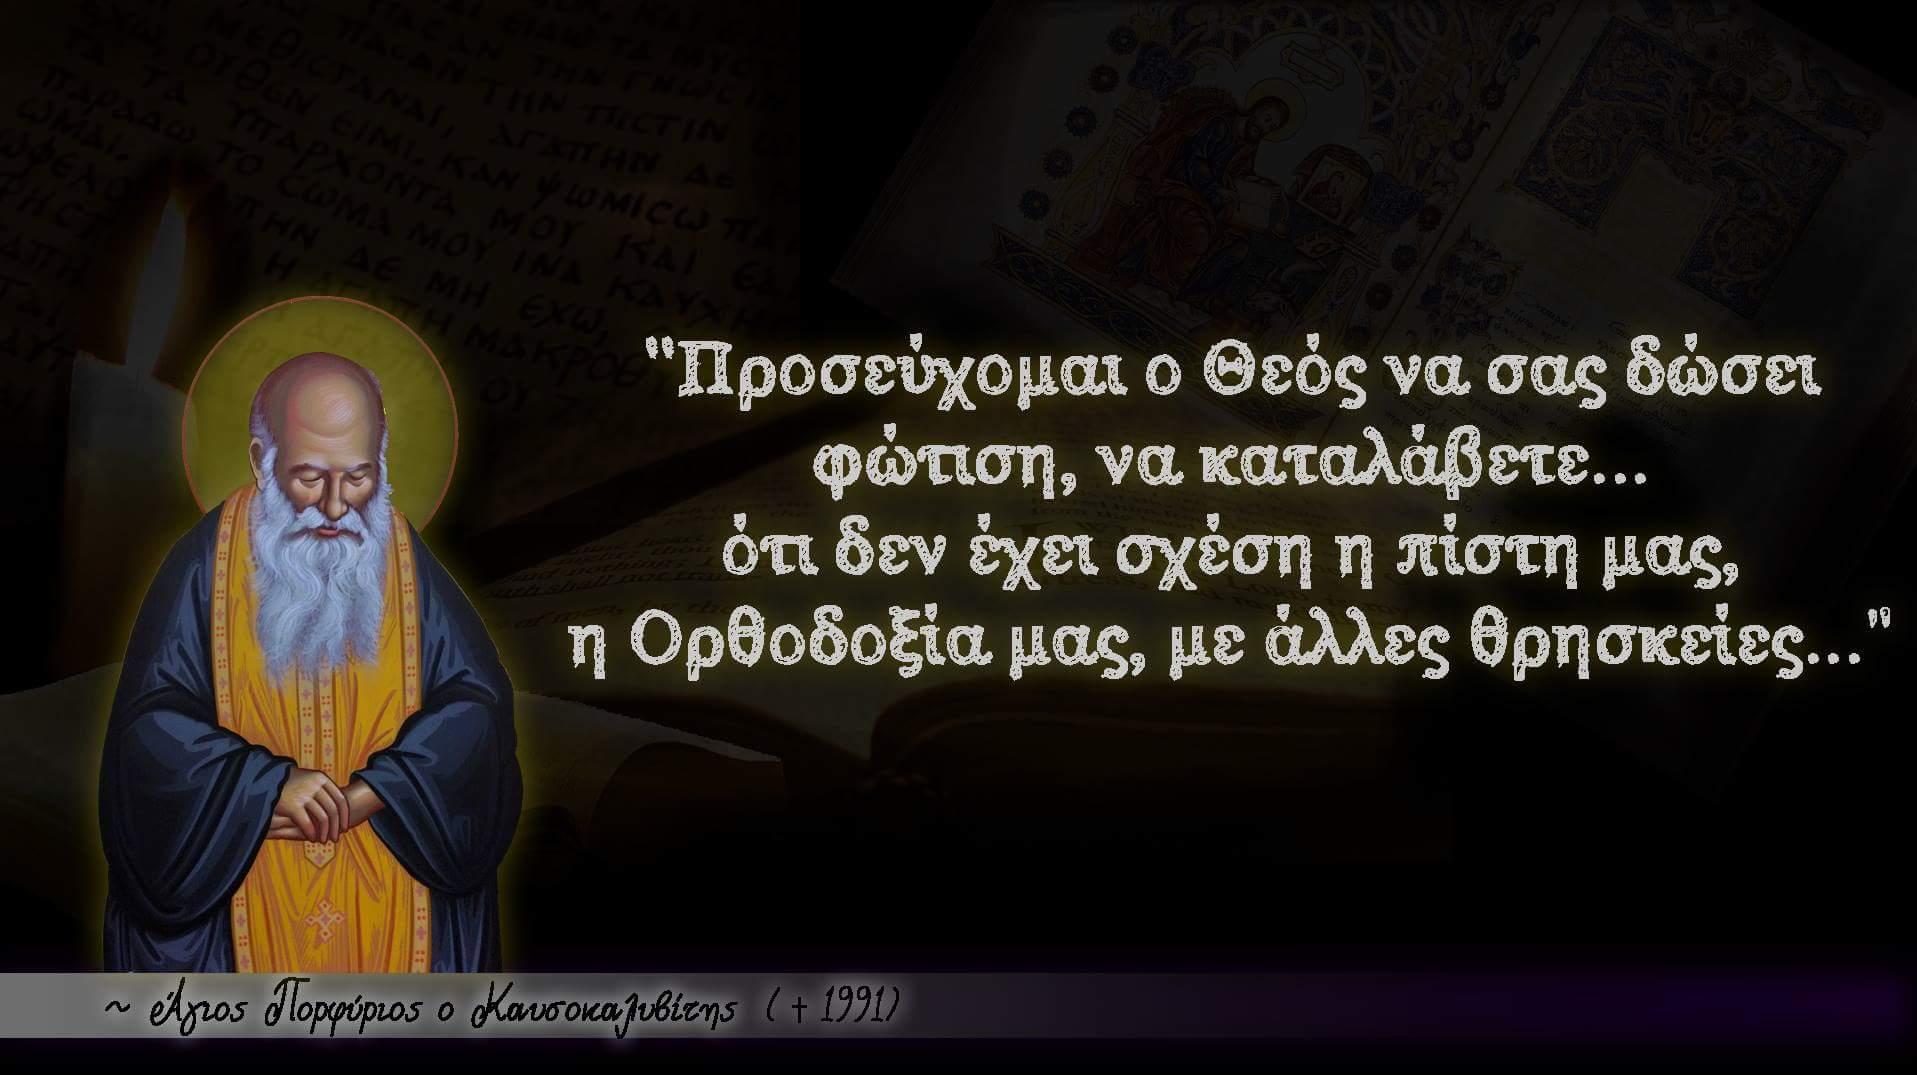 «Μην πας σ' αυτό το συνέδριο, γιατί θα σε αναγκάσουν σε συμπροσευχή…» Άγιος Πορφύριος